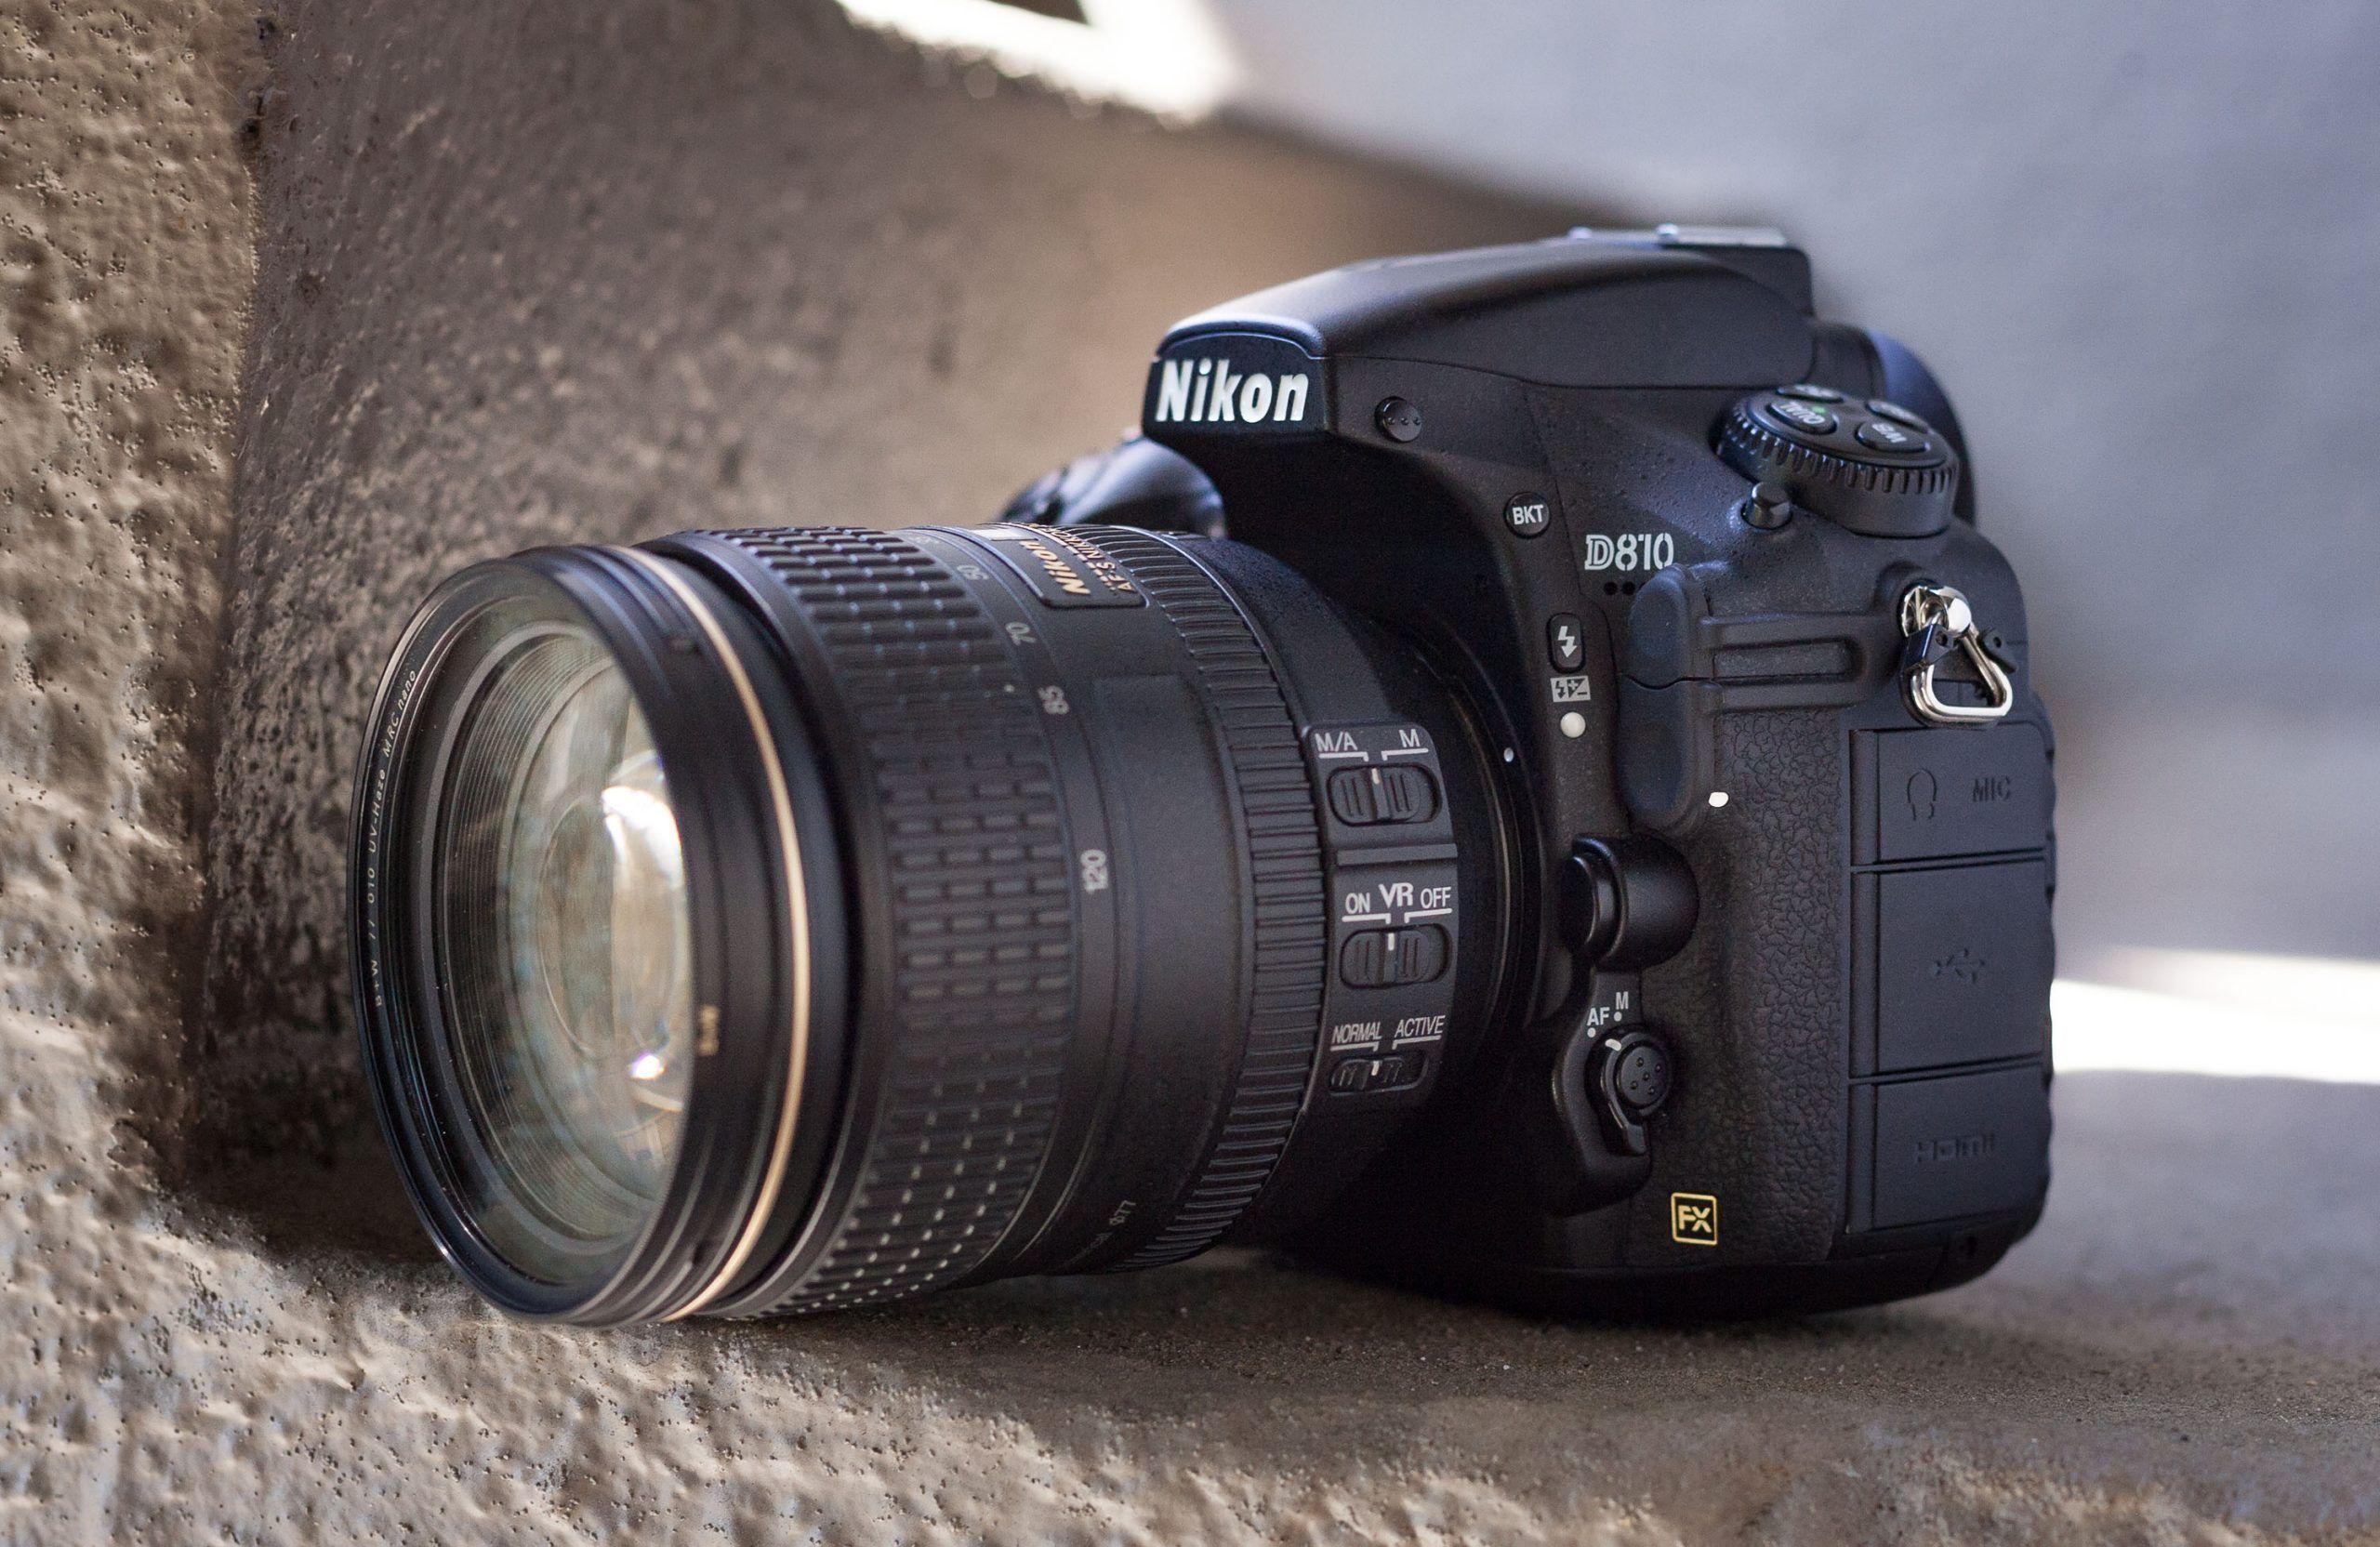 Fotocamere reflex, quale scegliere in base ai prezzi